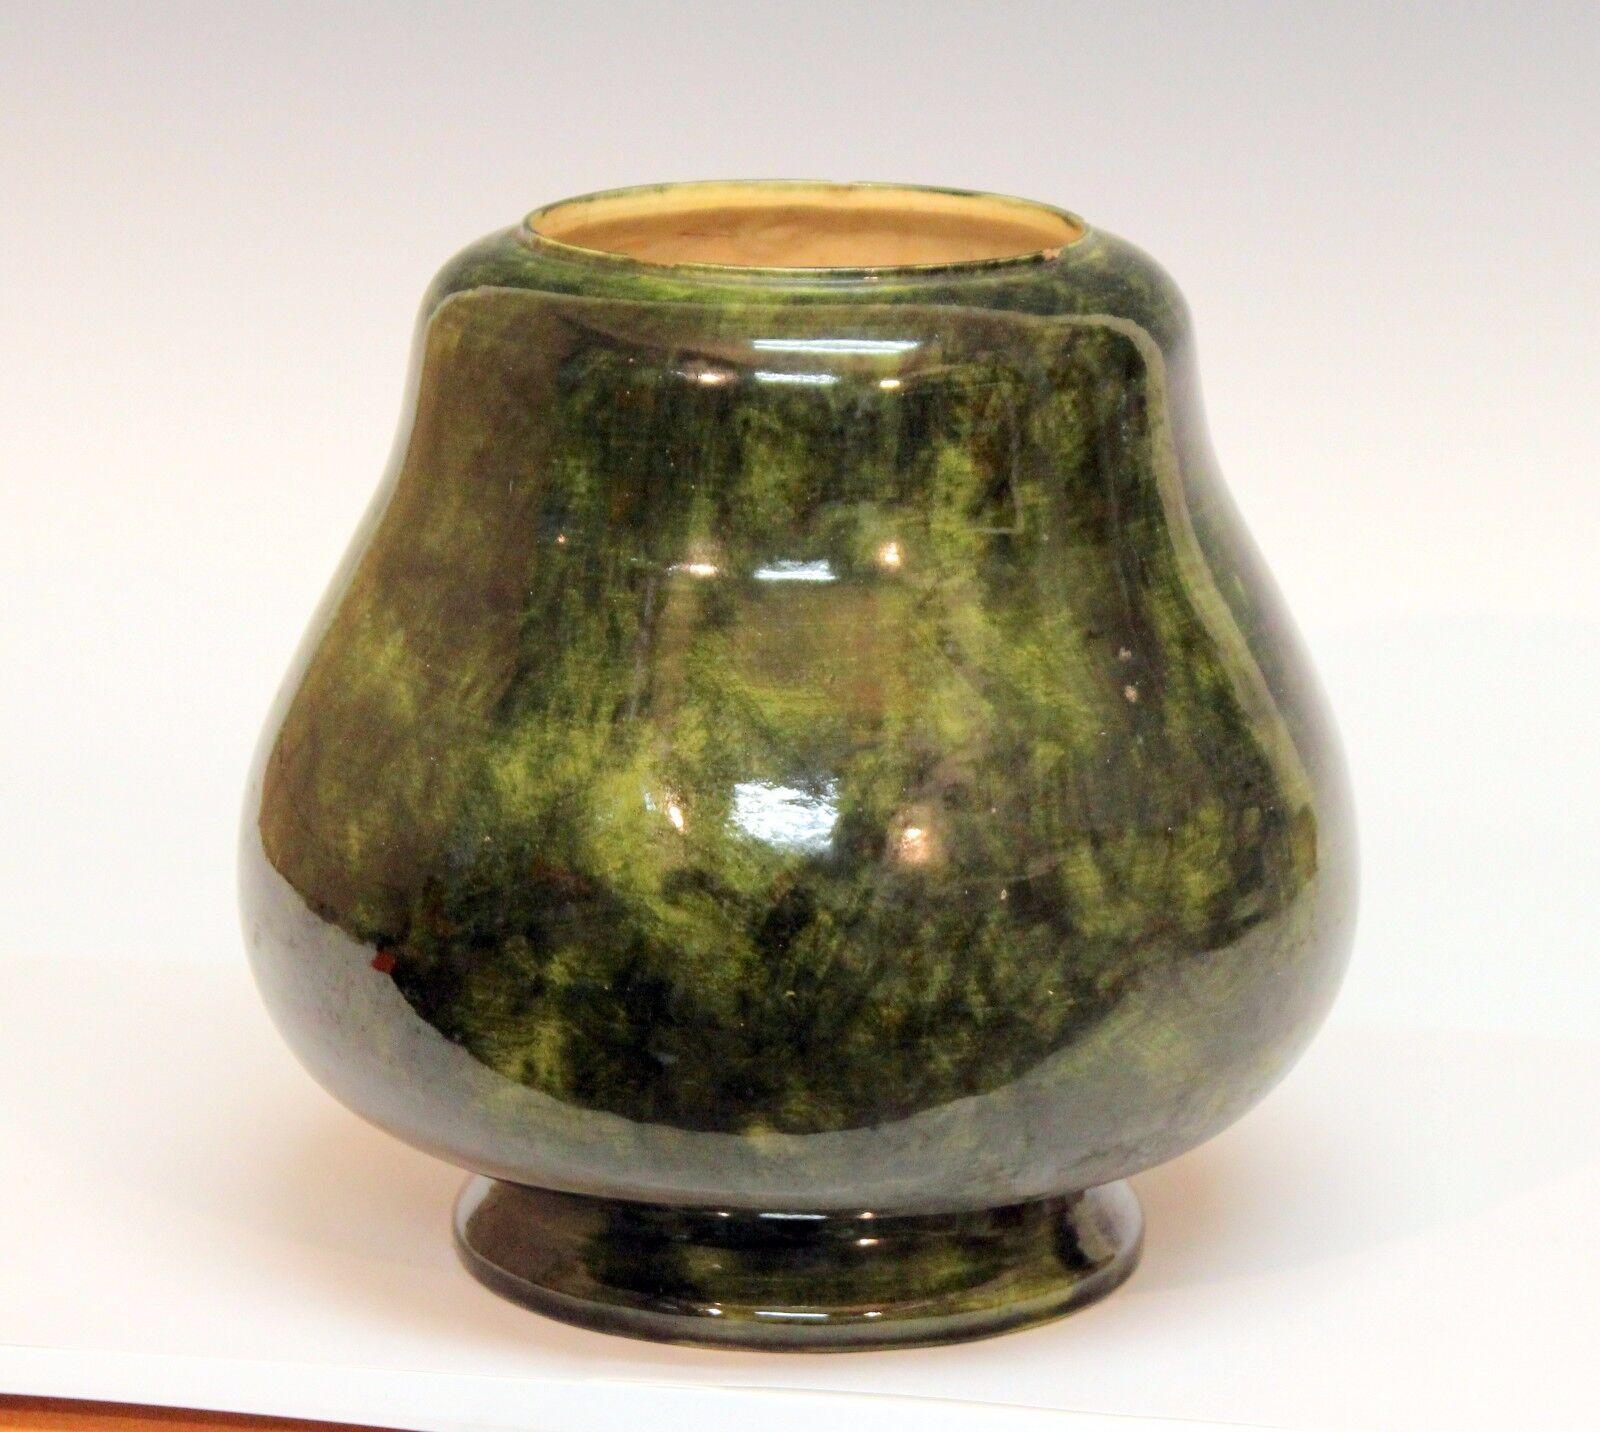 Antique Old Volkmar Arts Amp Crafts Art Pottery Vase Oil Lamp Base Metuchen Nj Ebay